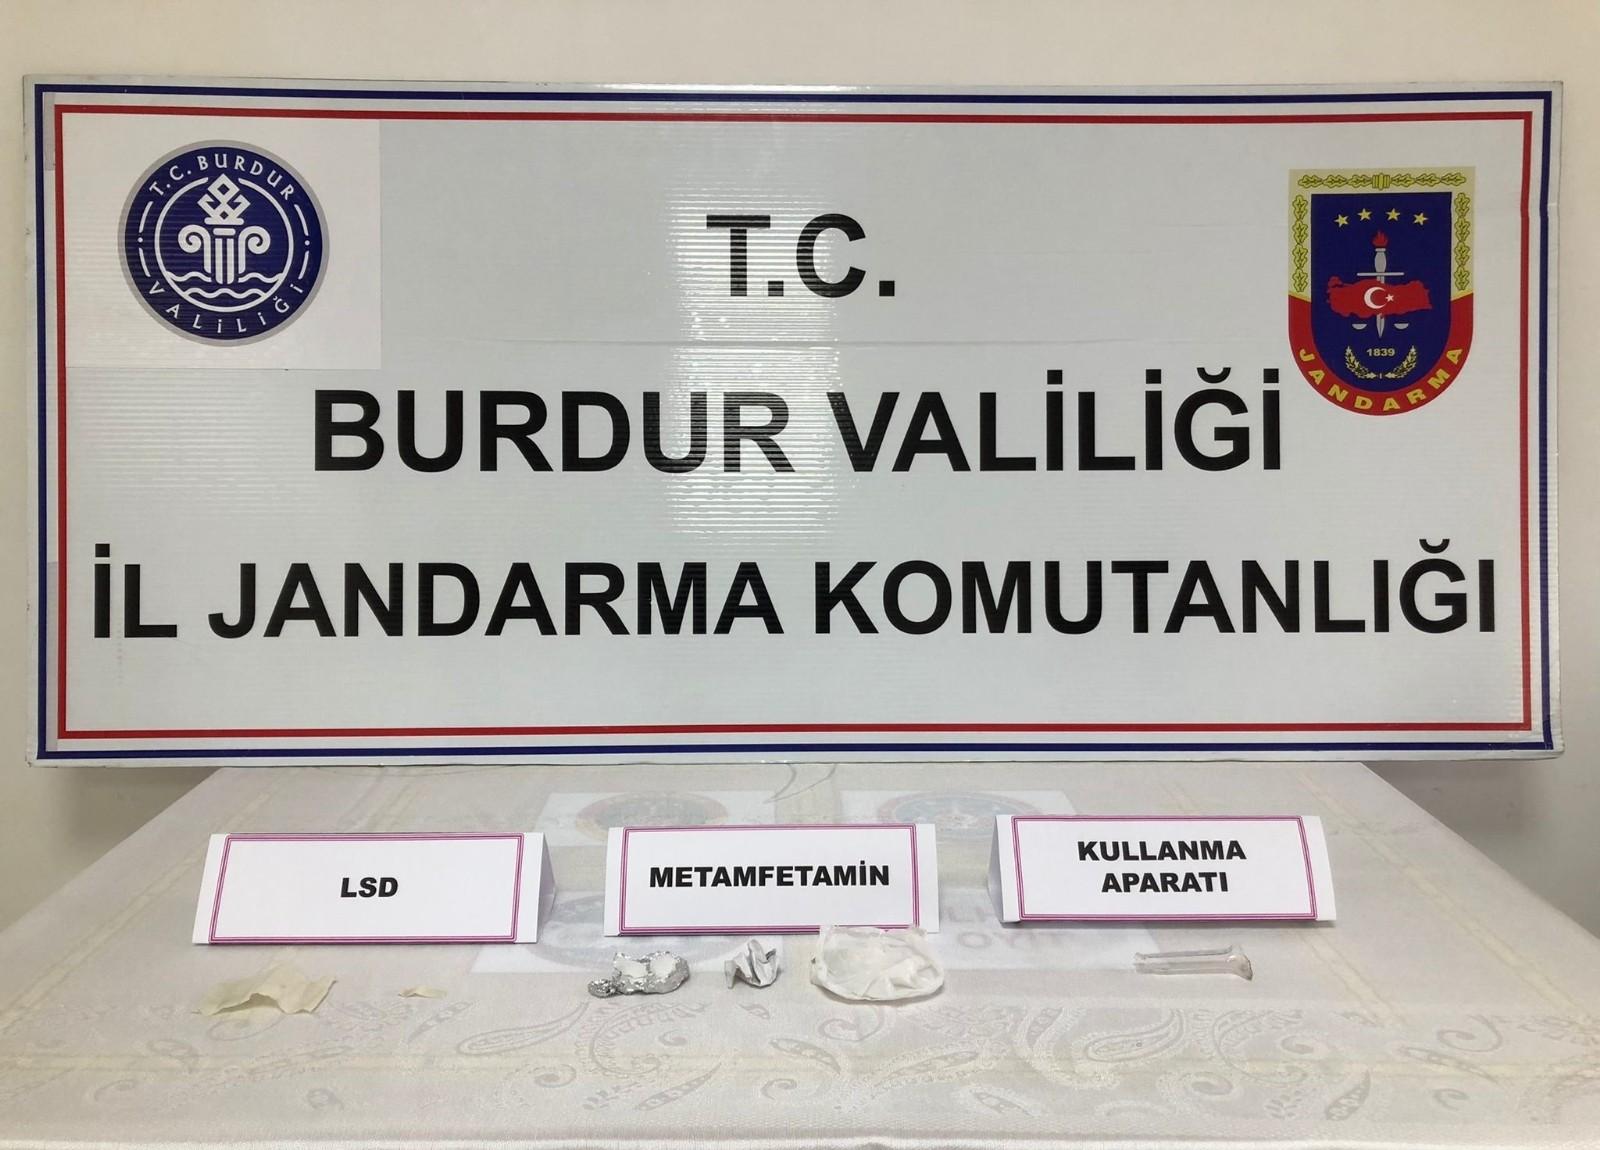 Burdur'da uyuşturucu operasyonu: 3 gözaltı